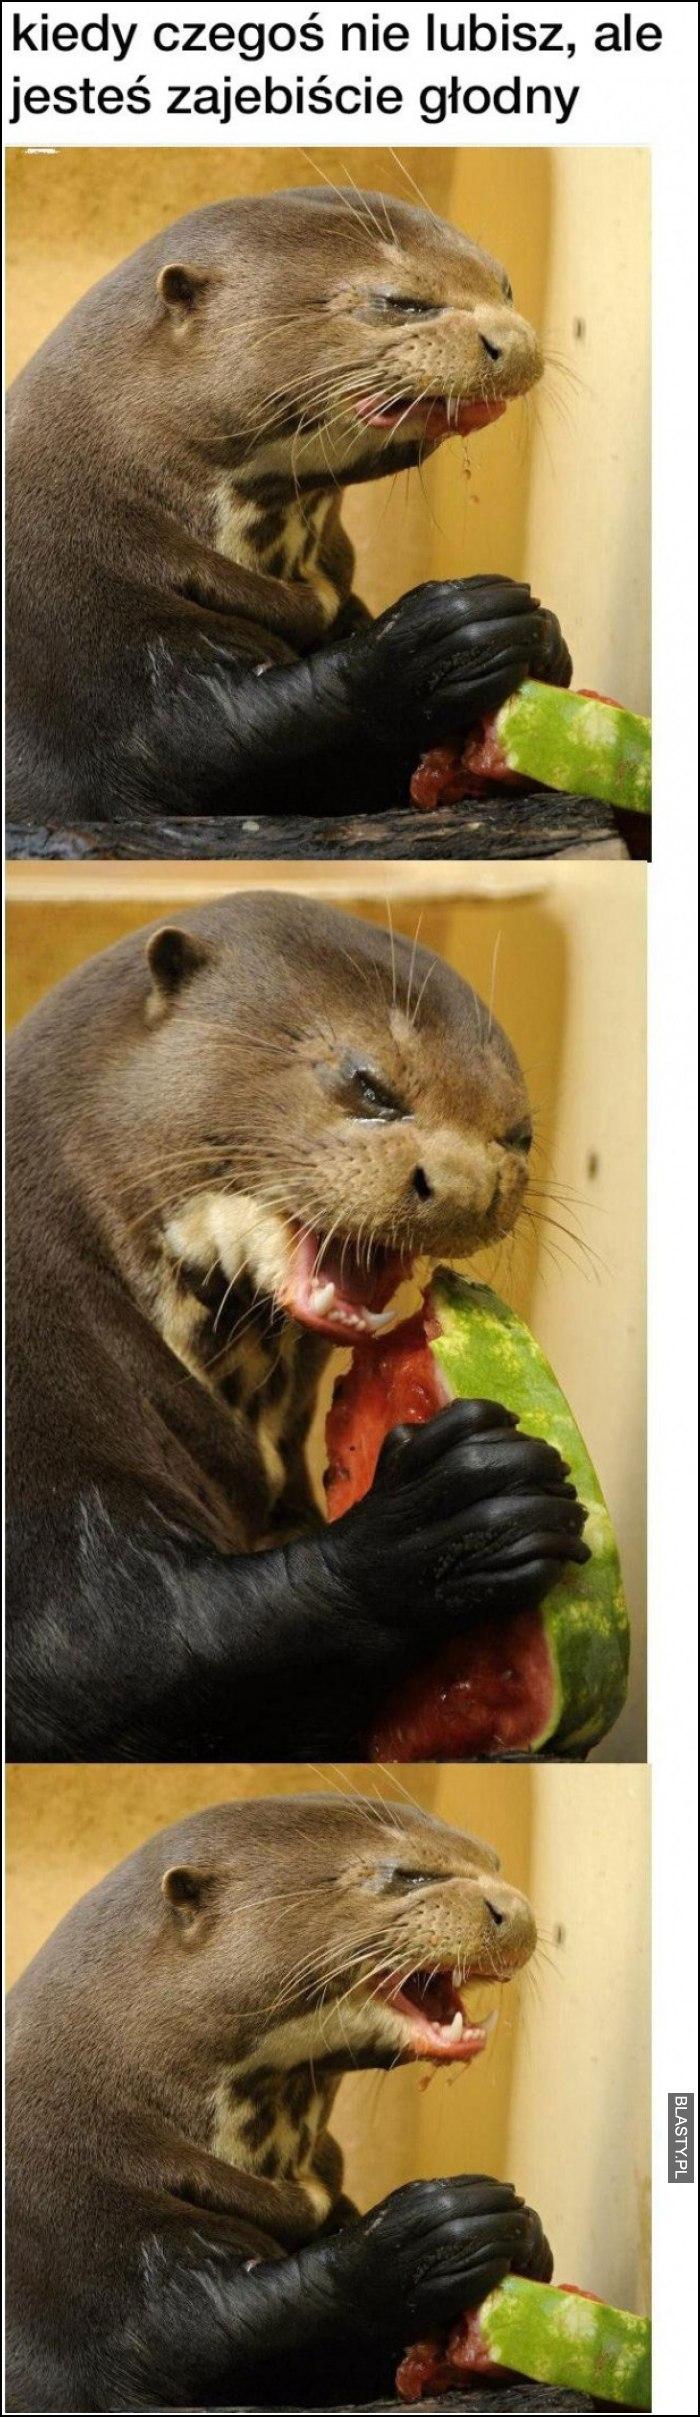 Kiedy jesteś bardzo głodny